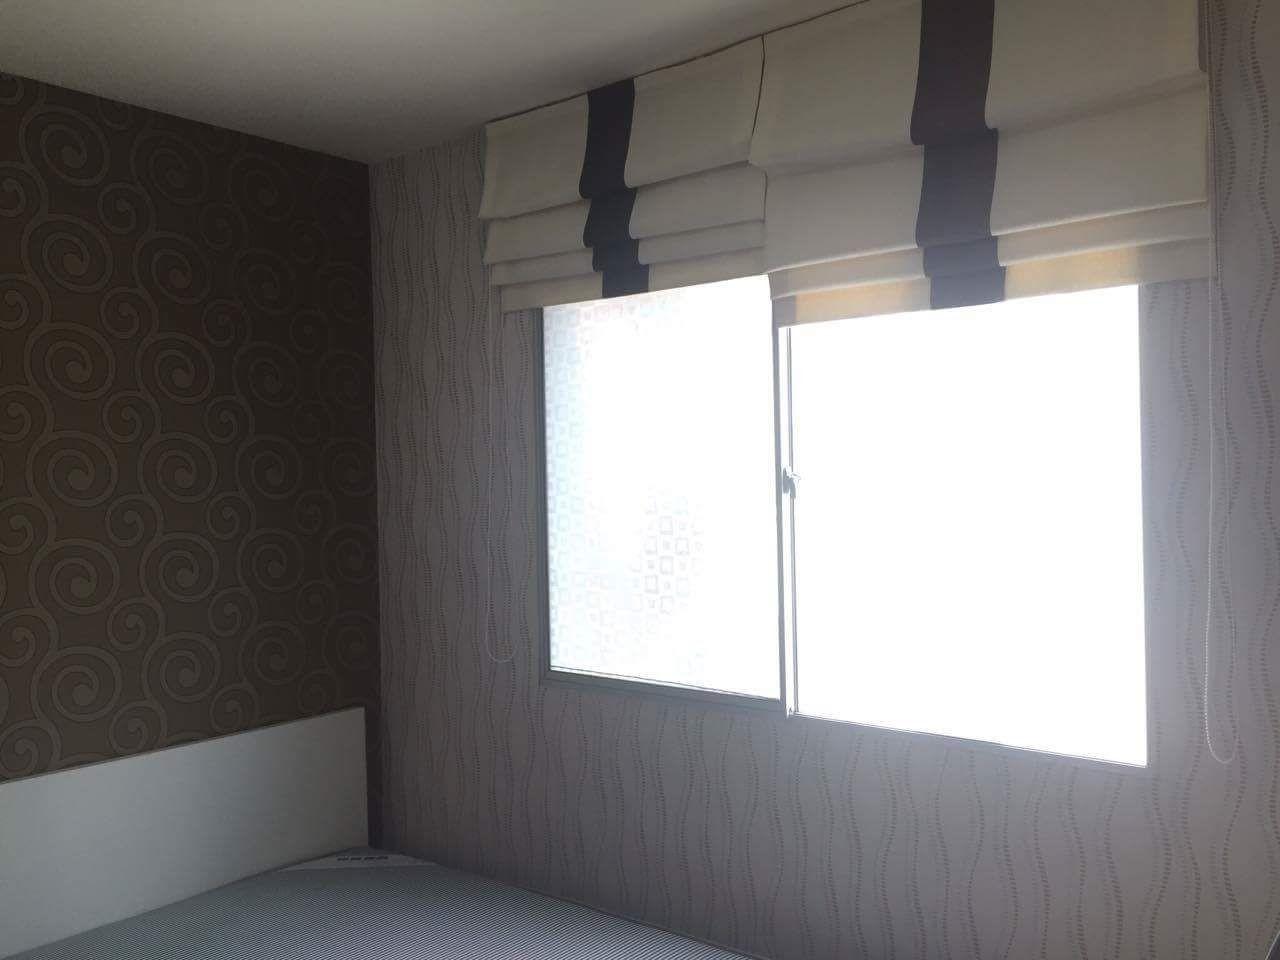 ขายคอนโด Smart Condo @ Rama 2 (สมาร์ท คอนโด พระราม 2) 1 ห้องนอน